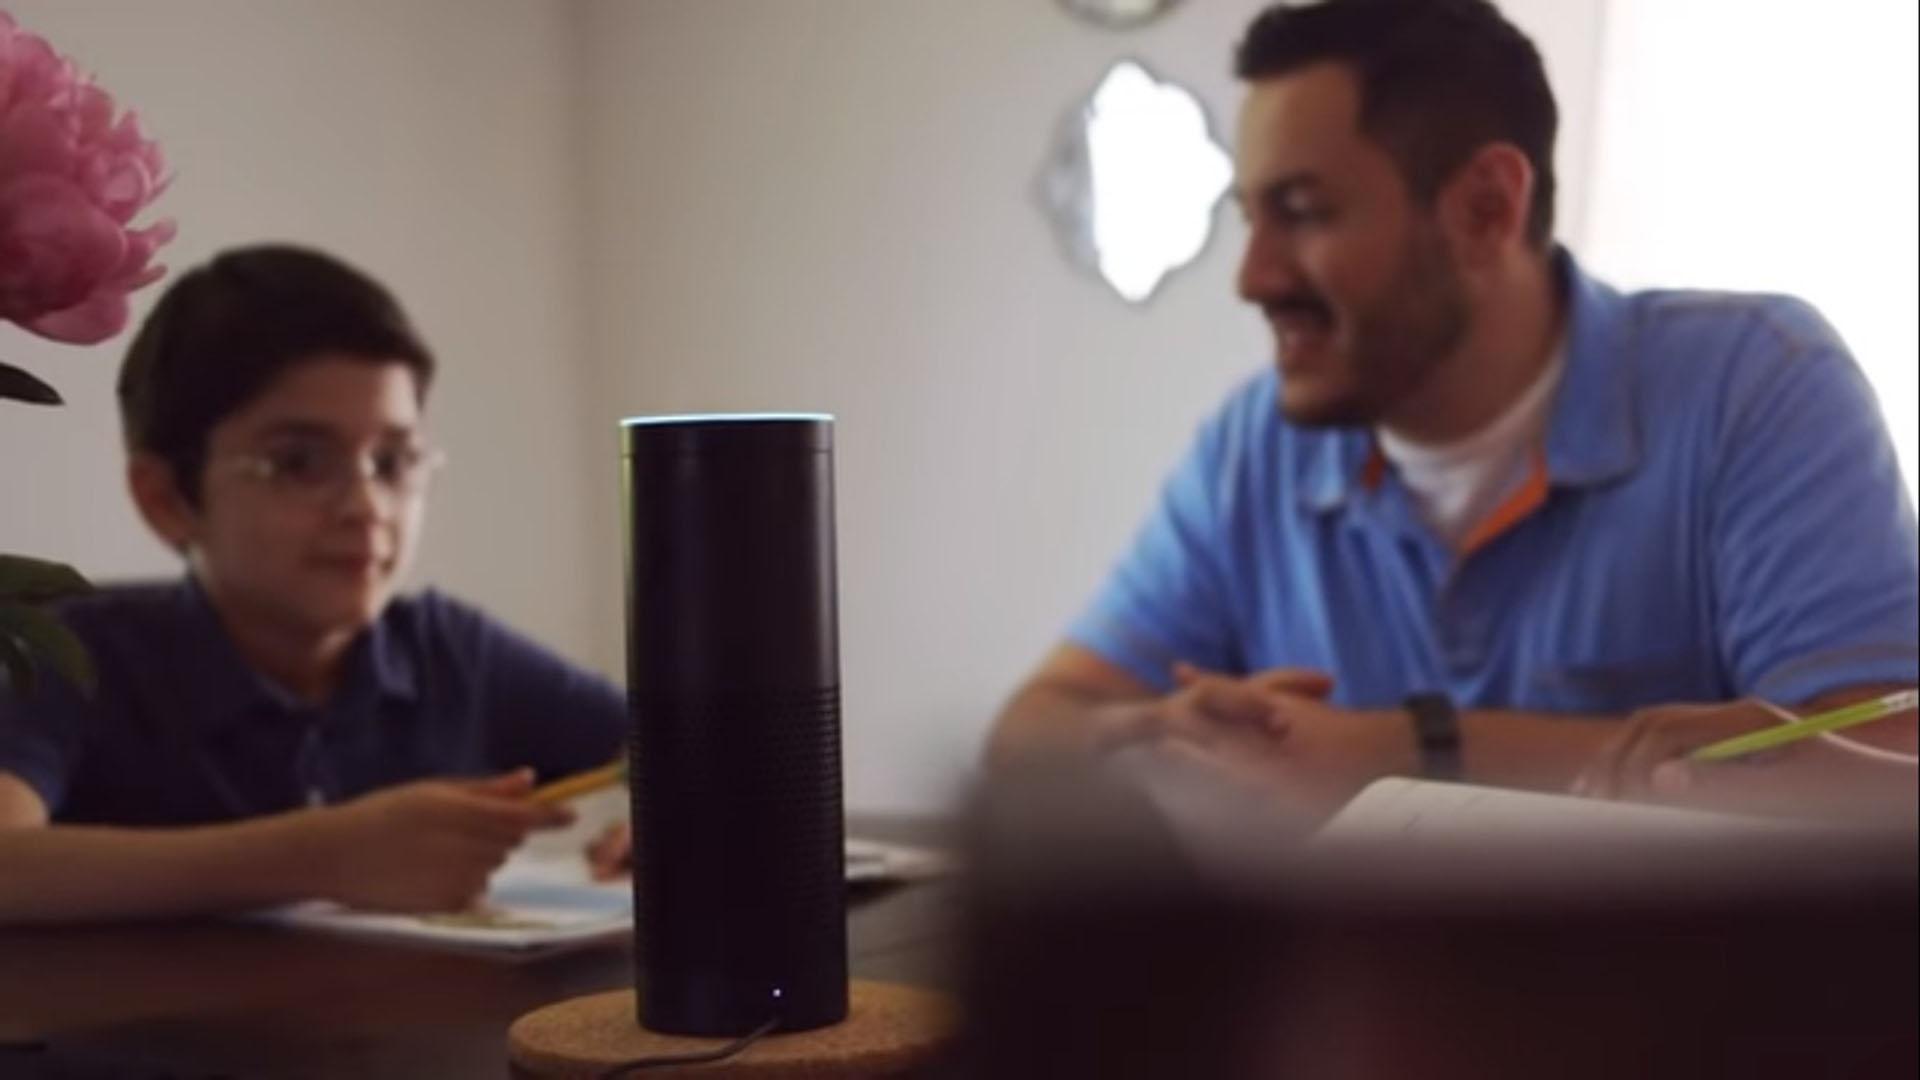 El aprendizaje de Alexa es continuo. Sus capacidades comunicativas mejoran con el diálogo (Foto: Amazon)